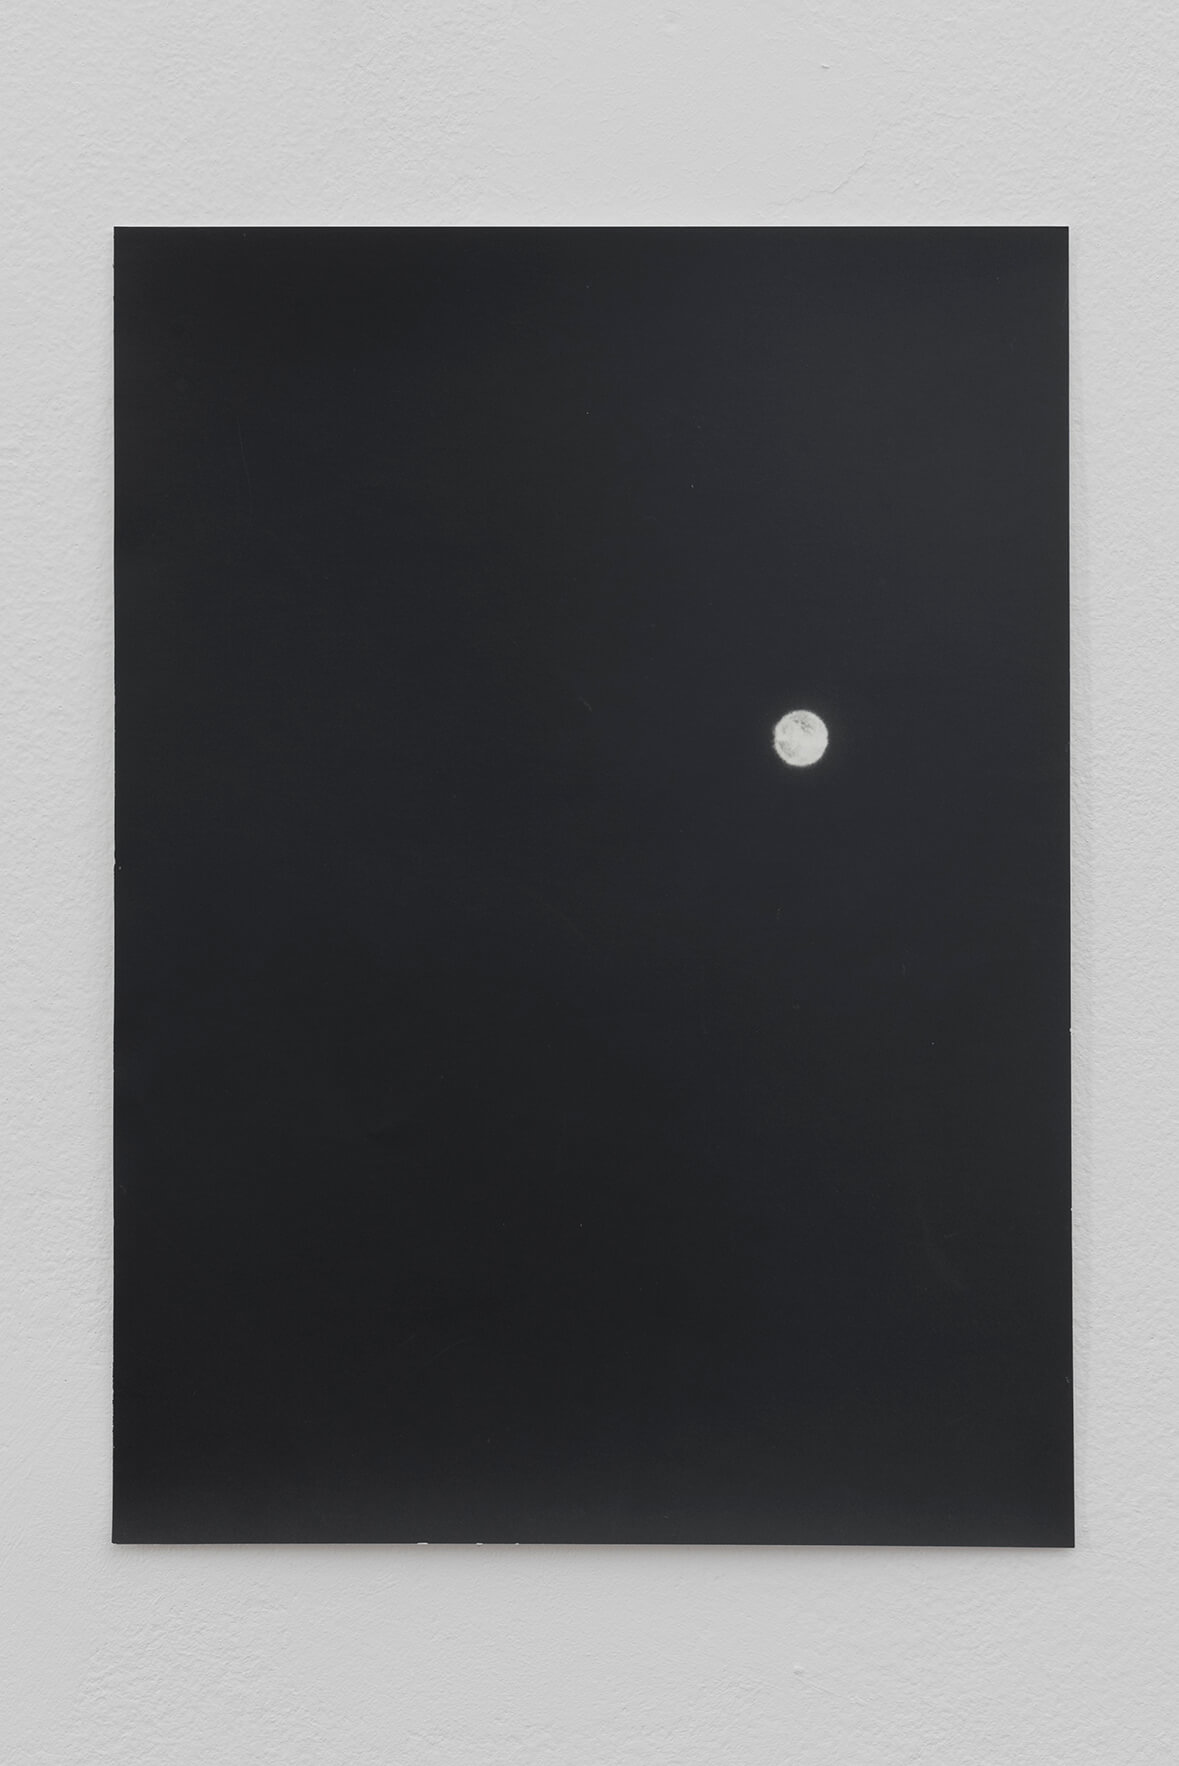 JOCHEN LEMPERT. Noctiluca (Meeresleuchten), 2006 | Accrochage #2: Escritura Nocturna | ProjecteSD